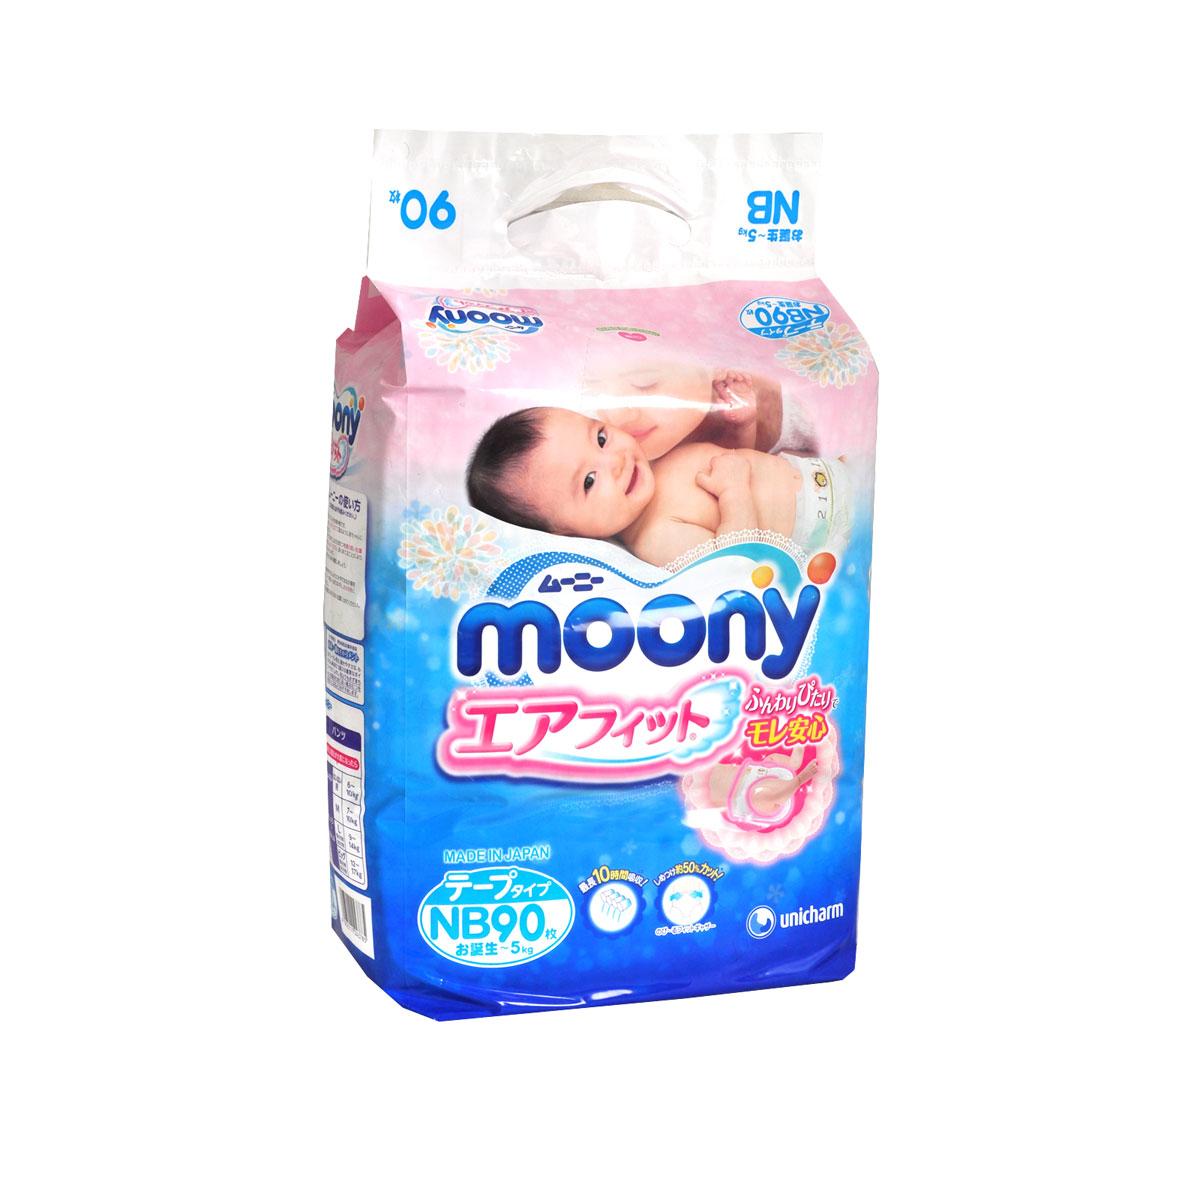 Moony Японские подгузники, NB, 0-5 кг, 90 штNB90 синийПодгузники Moony для новорожденных очень удобны и просты в применении. Дышащая поверхность подгузников обеспечивает доступ воздуха к коже ребенка, а исключительно мягкий внутренний материал удерживает влагу внутри, исключая ее контакт с кожей. Впитывающие высокие бортики и специальные резинки по бокам плотно прилегают к ножкам ребенка и препятствуют протеканию. Благодаря полоскам-индикаторам всегда можно, когда подгузник пора менять - цвет полоски станет ярче. В комплекте 90 подгузников. Размер NB (для новорожденных) до 5 кг. Проверено дерматологами.